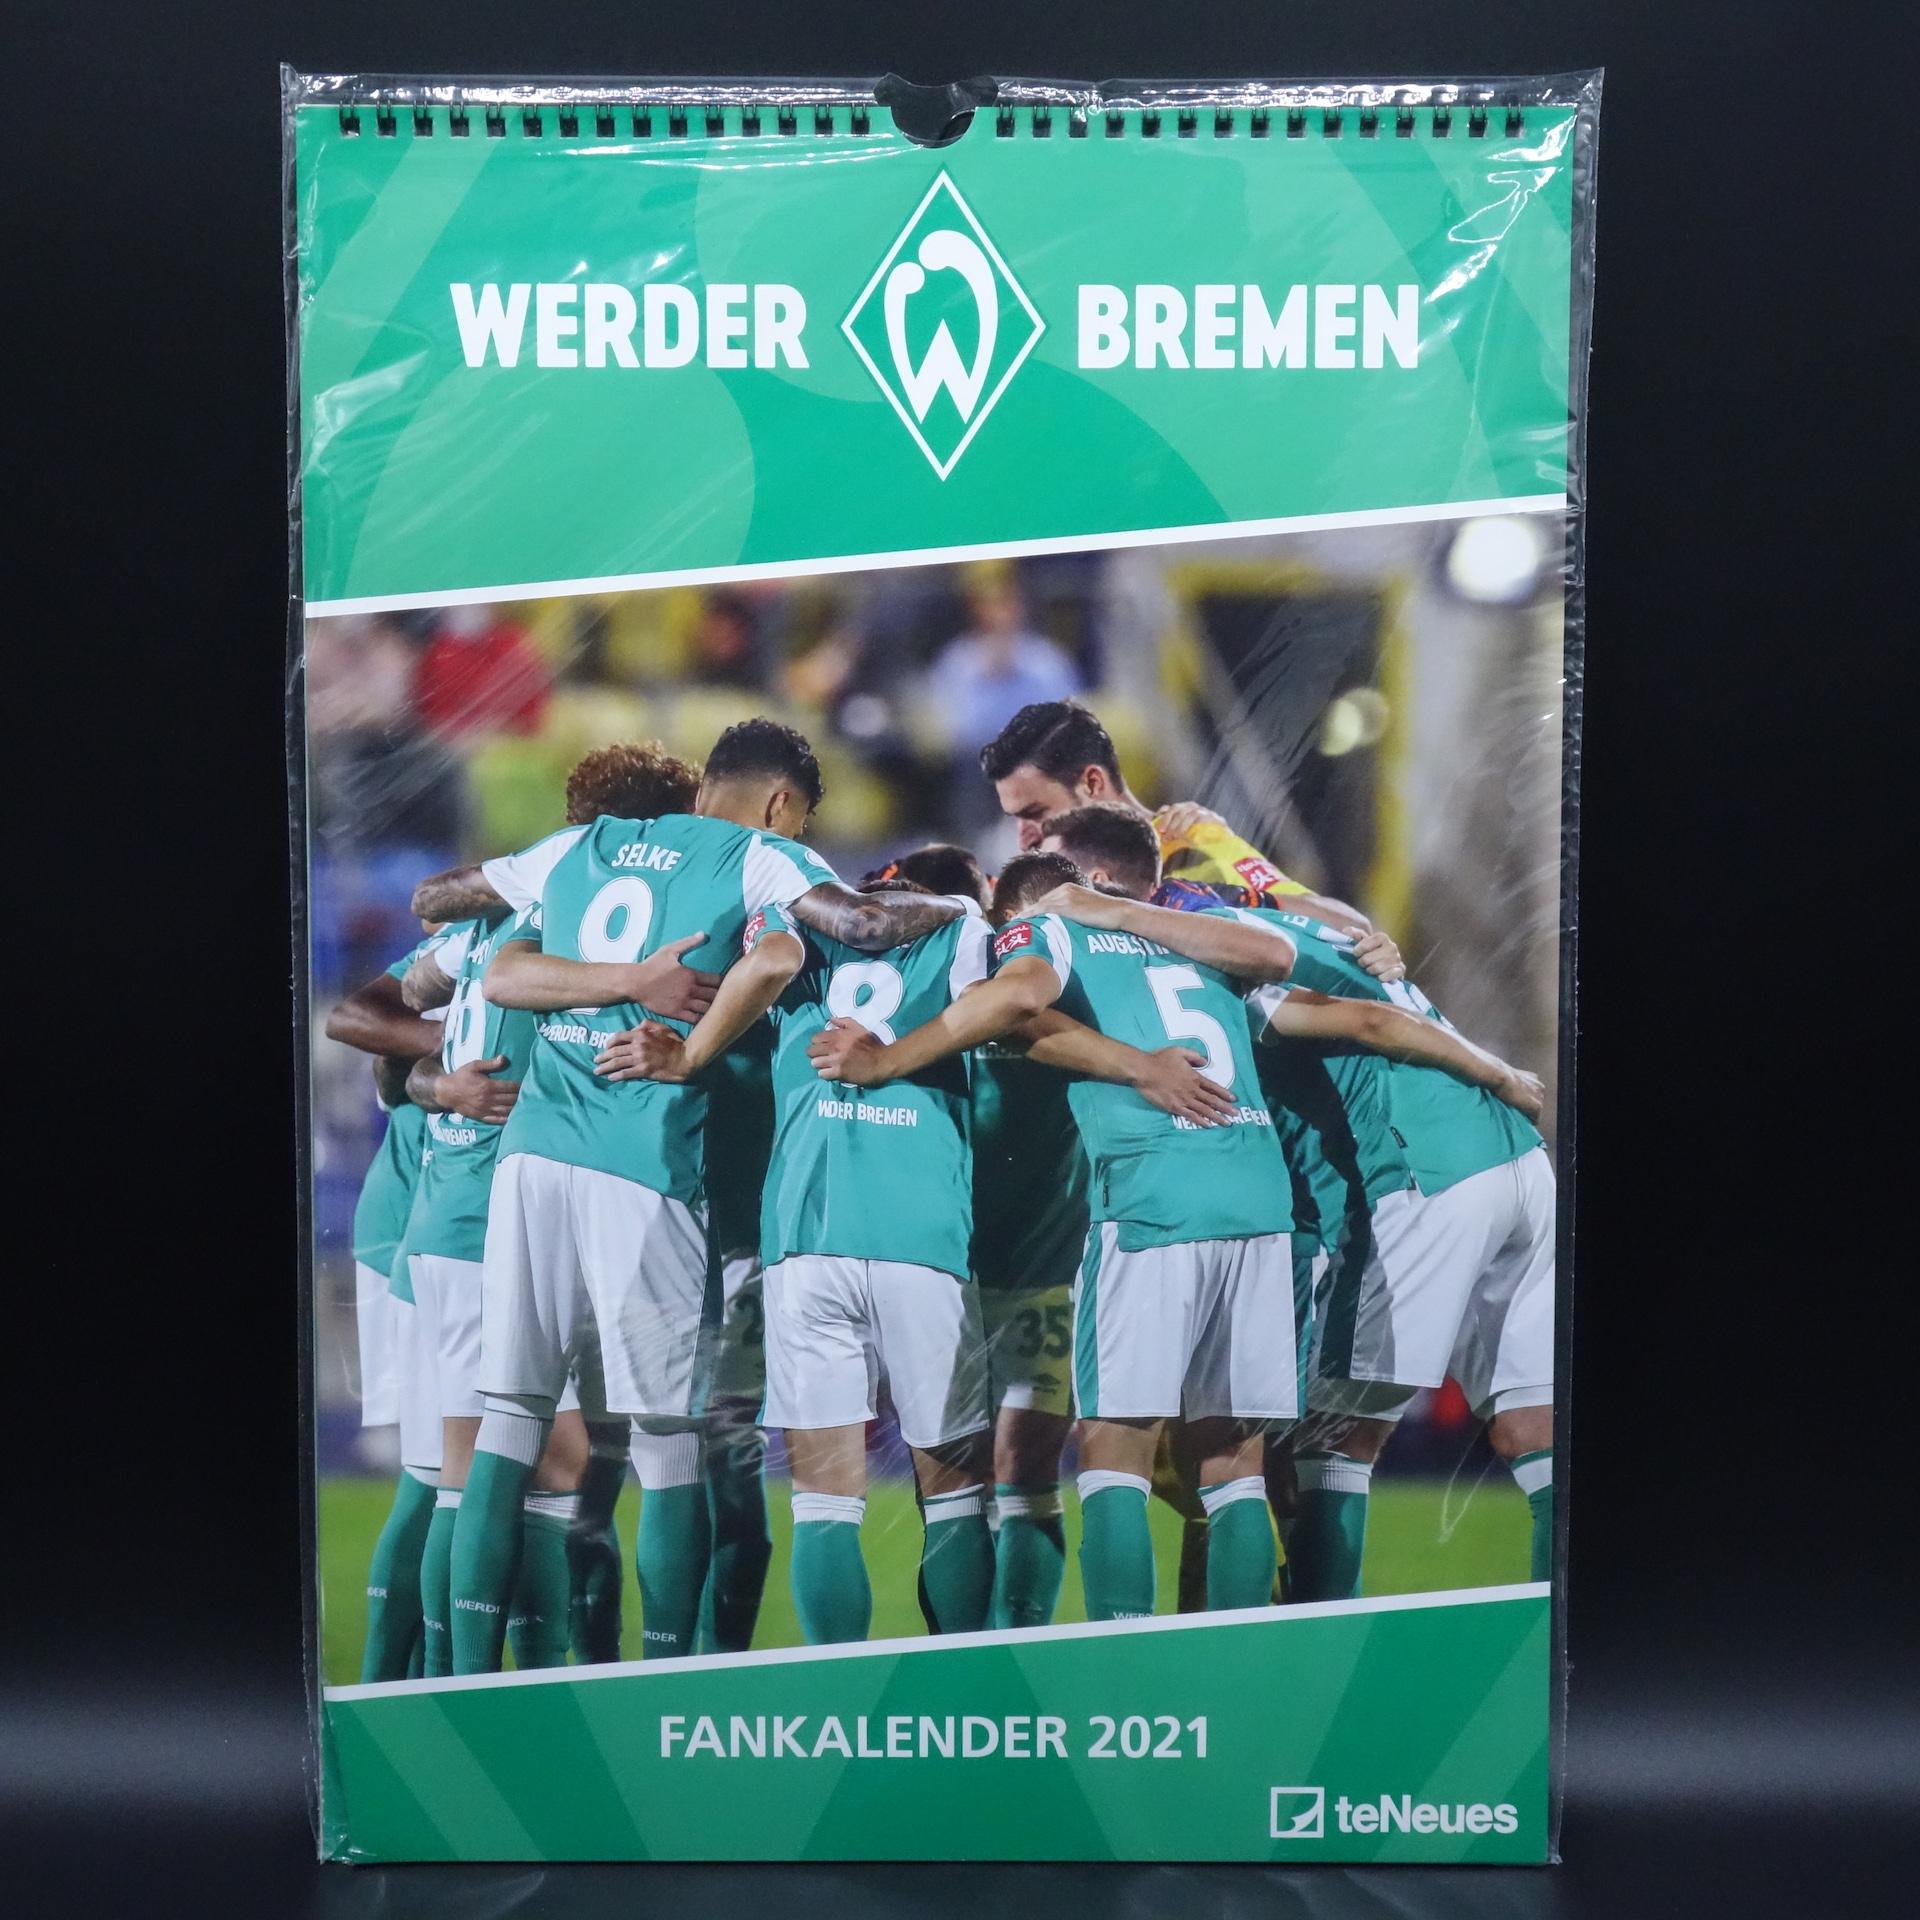 Werder Bremen Fankalender 2021